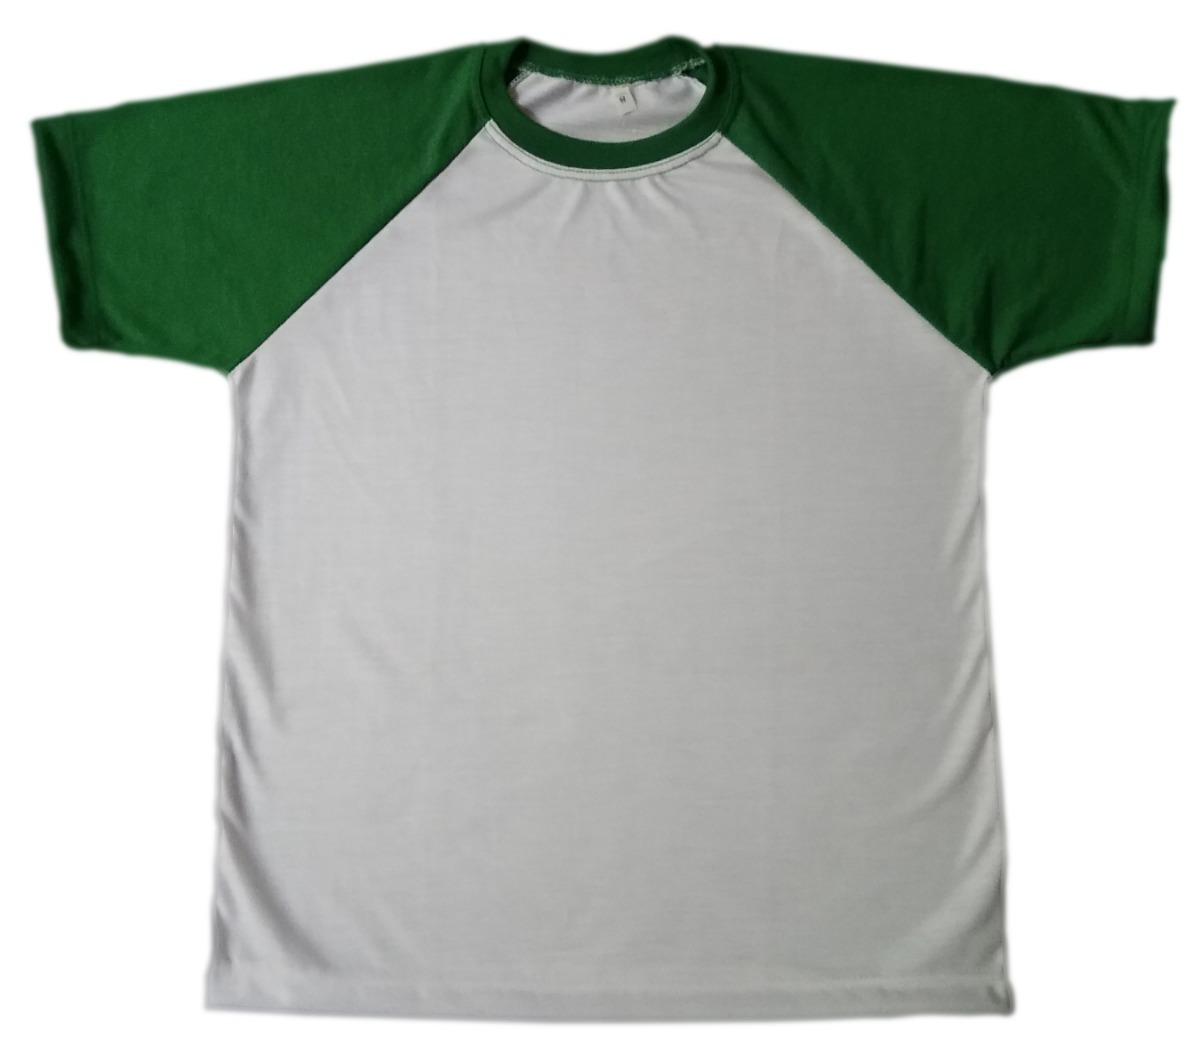 c7d90aa29c kit com 15 camisetas raglan para sublimação-várias cores. Carregando zoom.